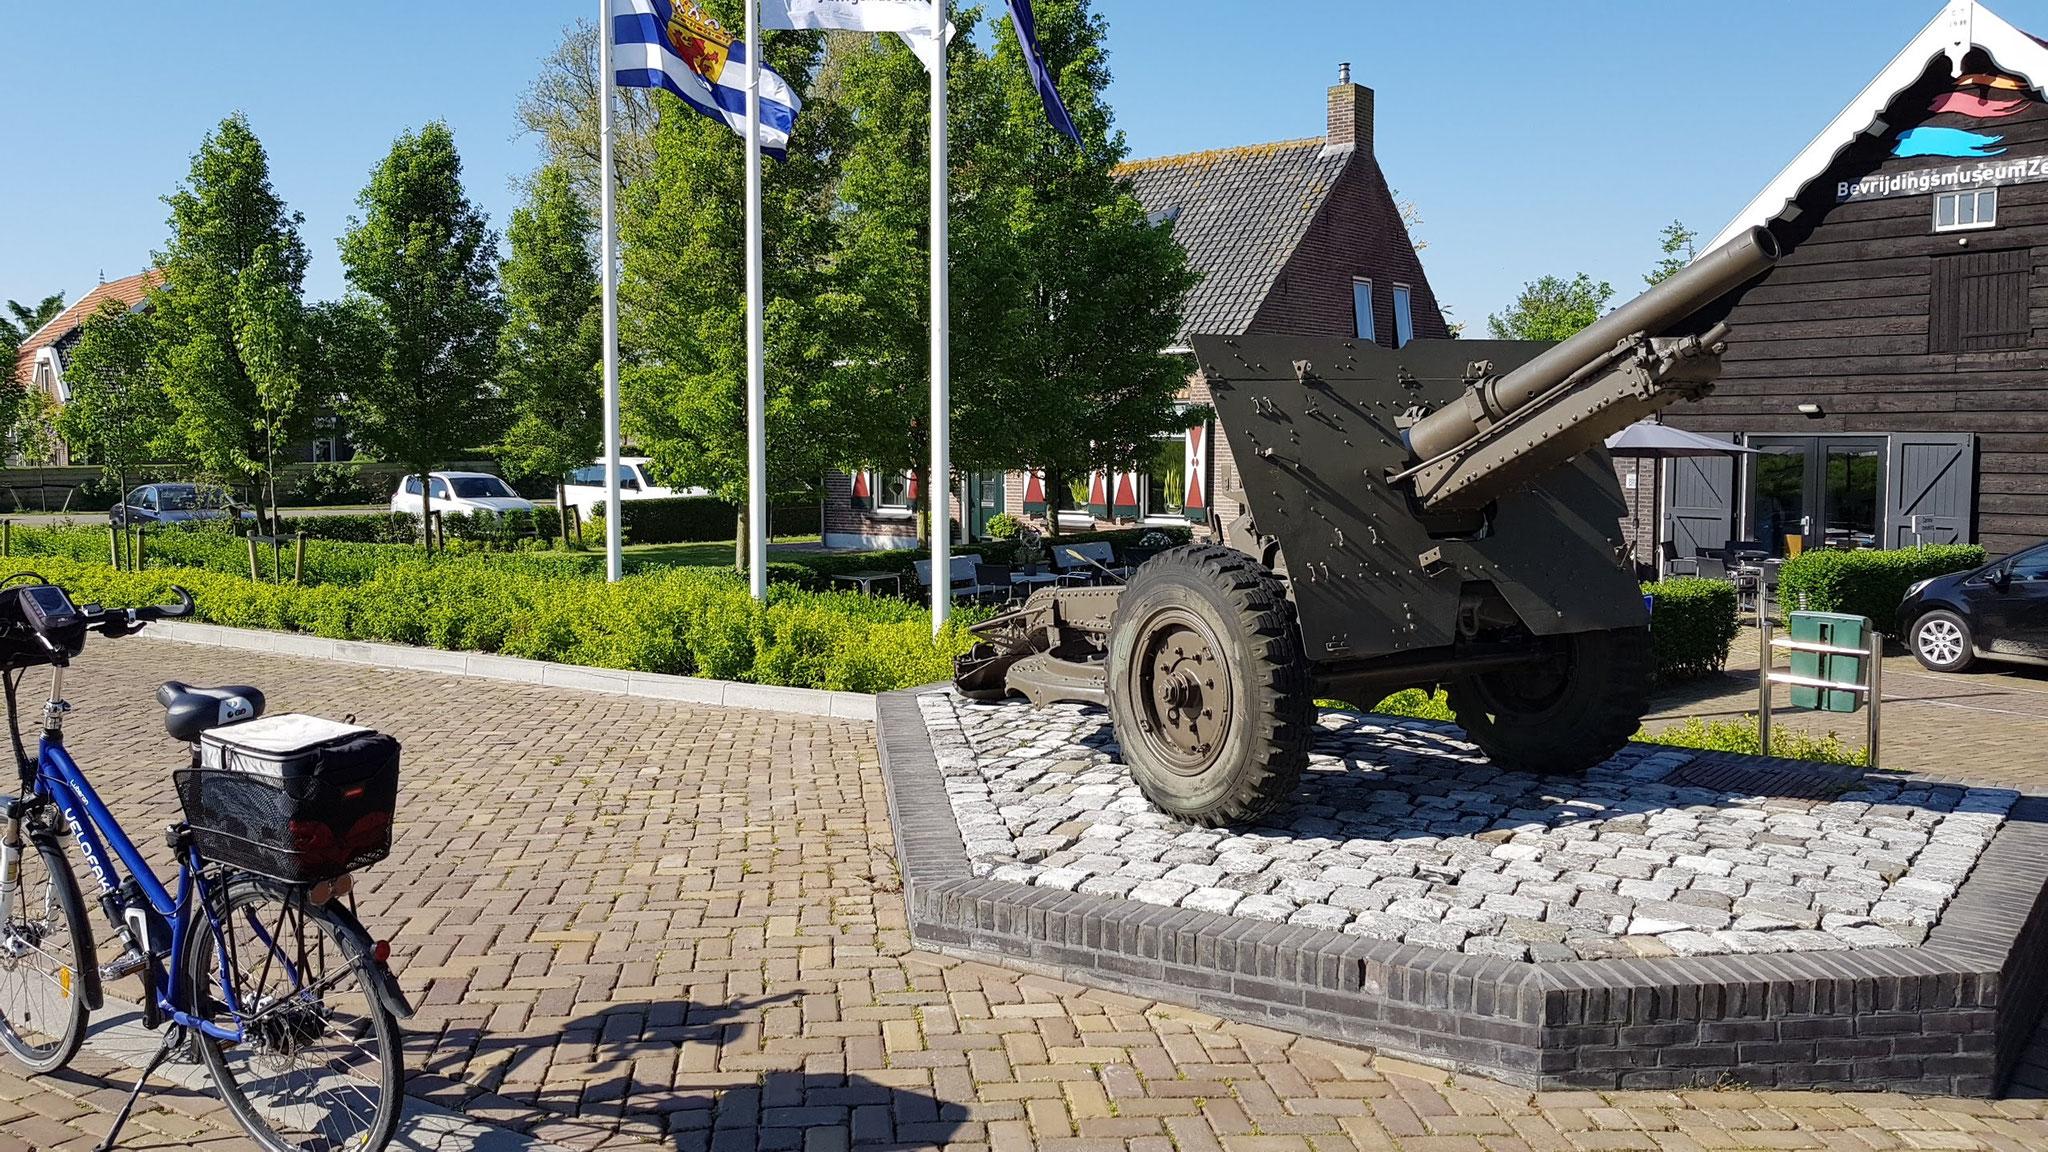 Bevrijdingsmuseum (Kriegsmuseum) in Nieuwdorp